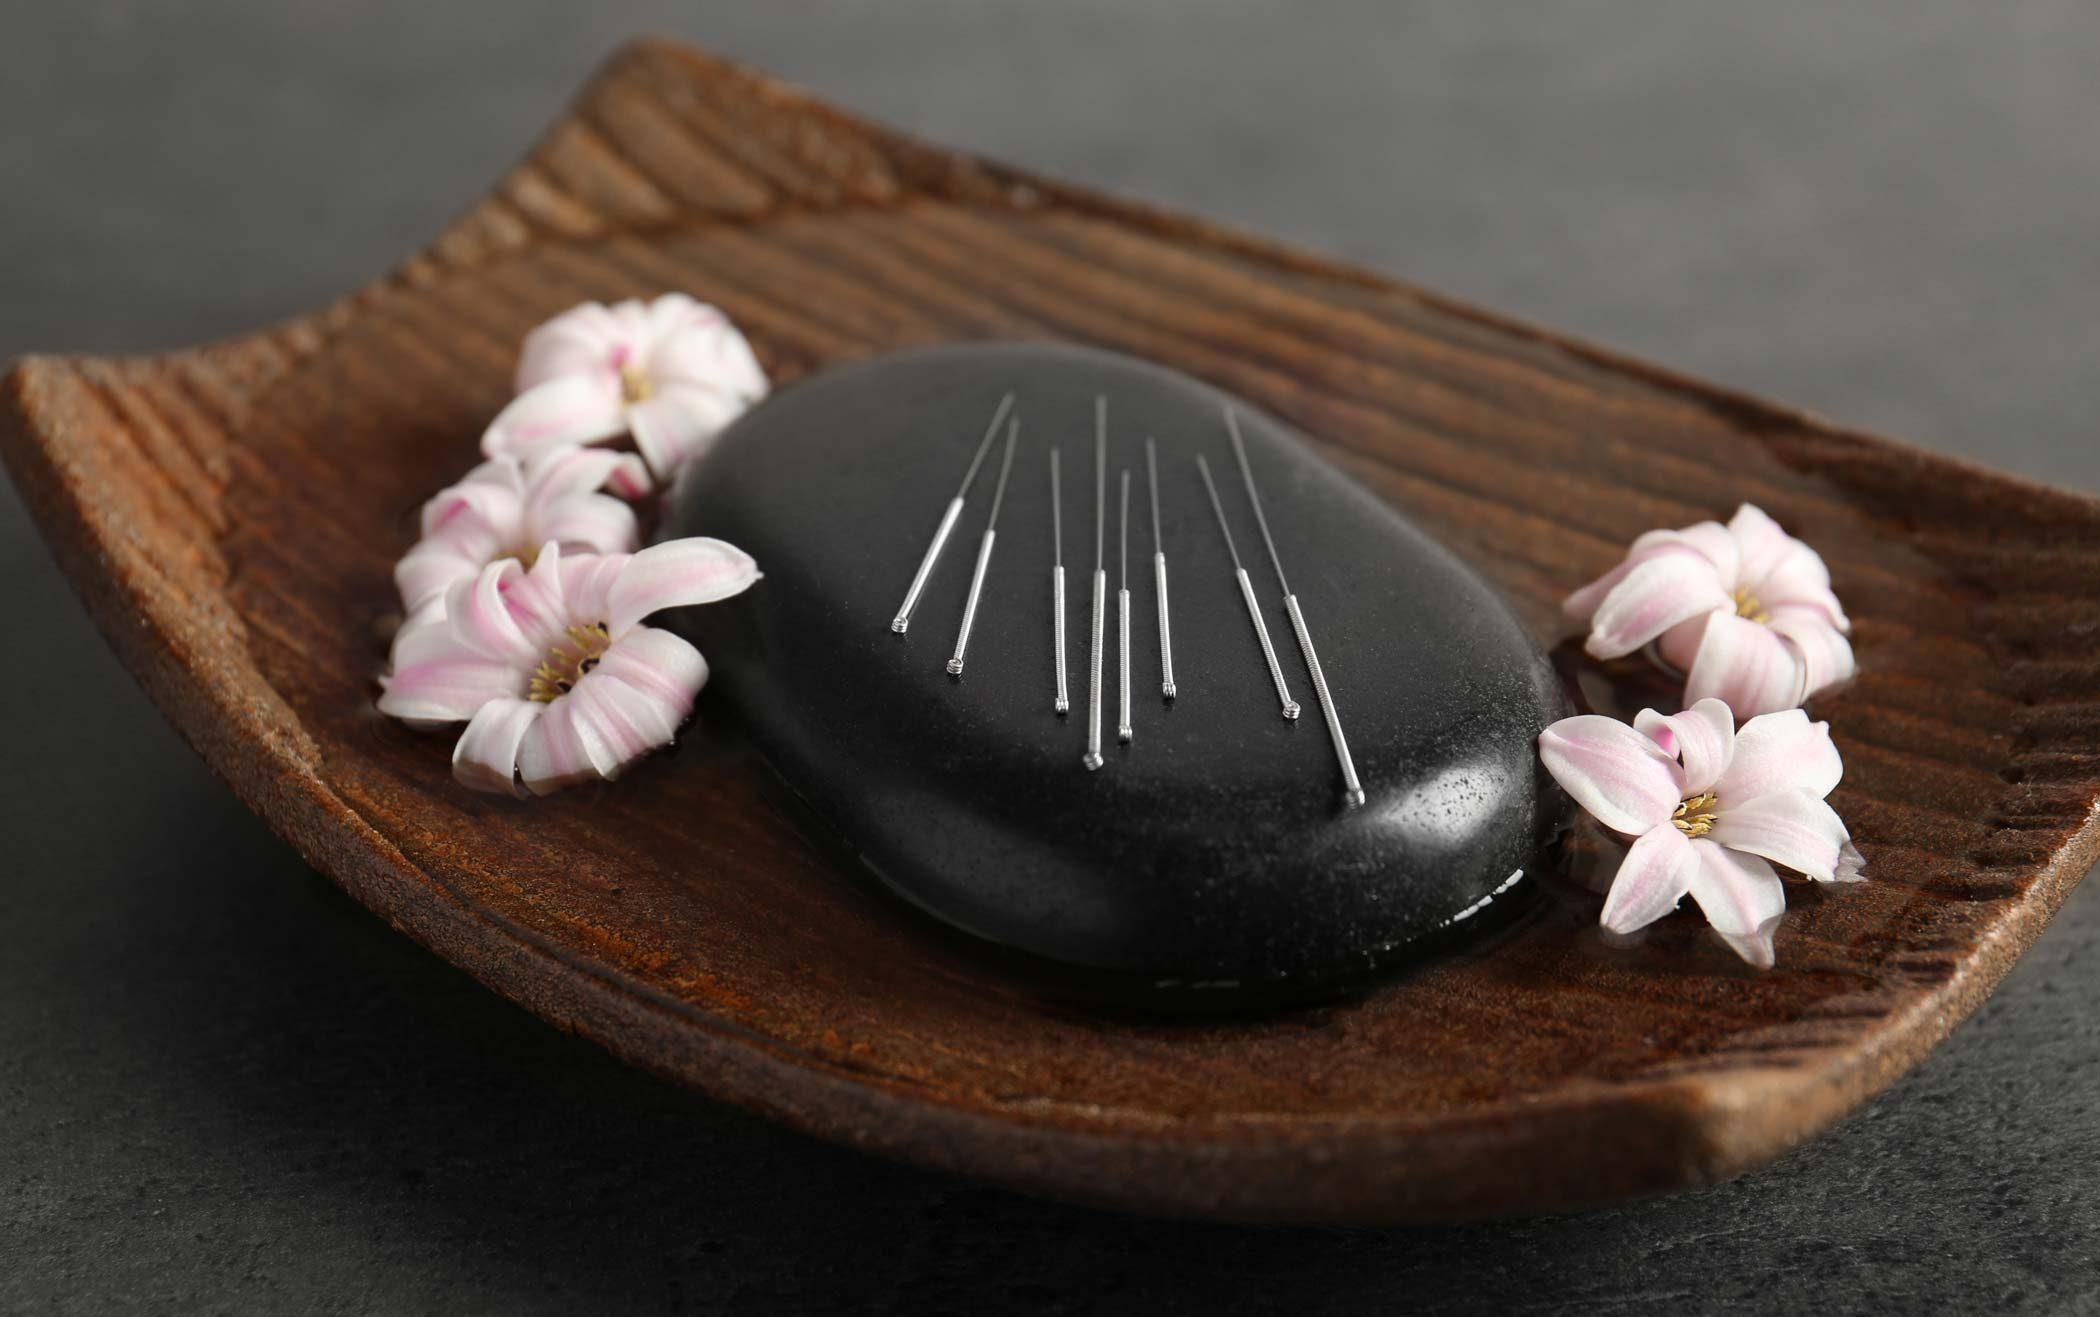 acupunture technique